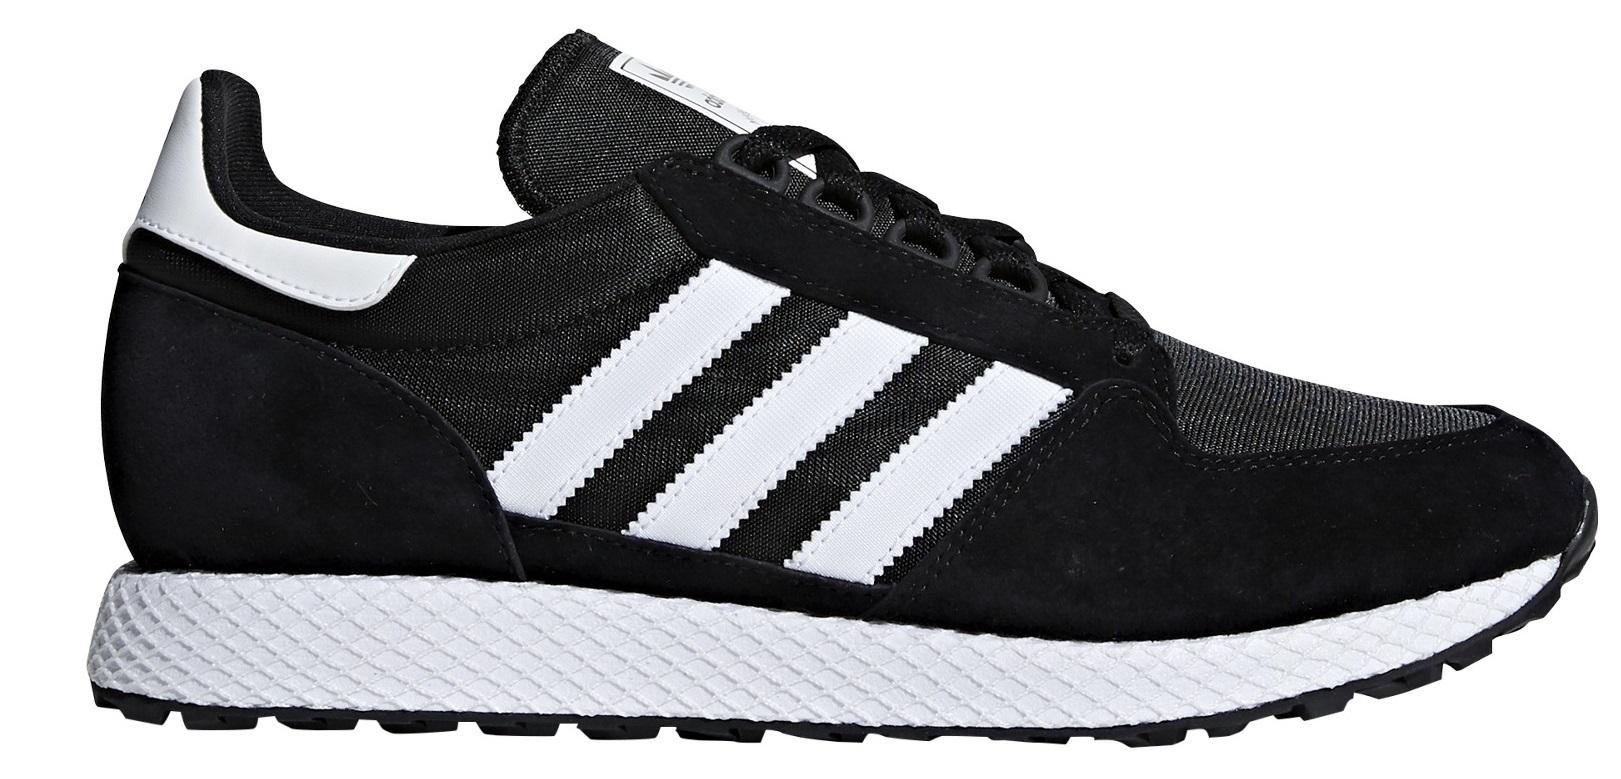 sale retailer b5f05 0a466 Mens Shoes Forest Grove colore Black White - Adidas Originals - SportIT.com